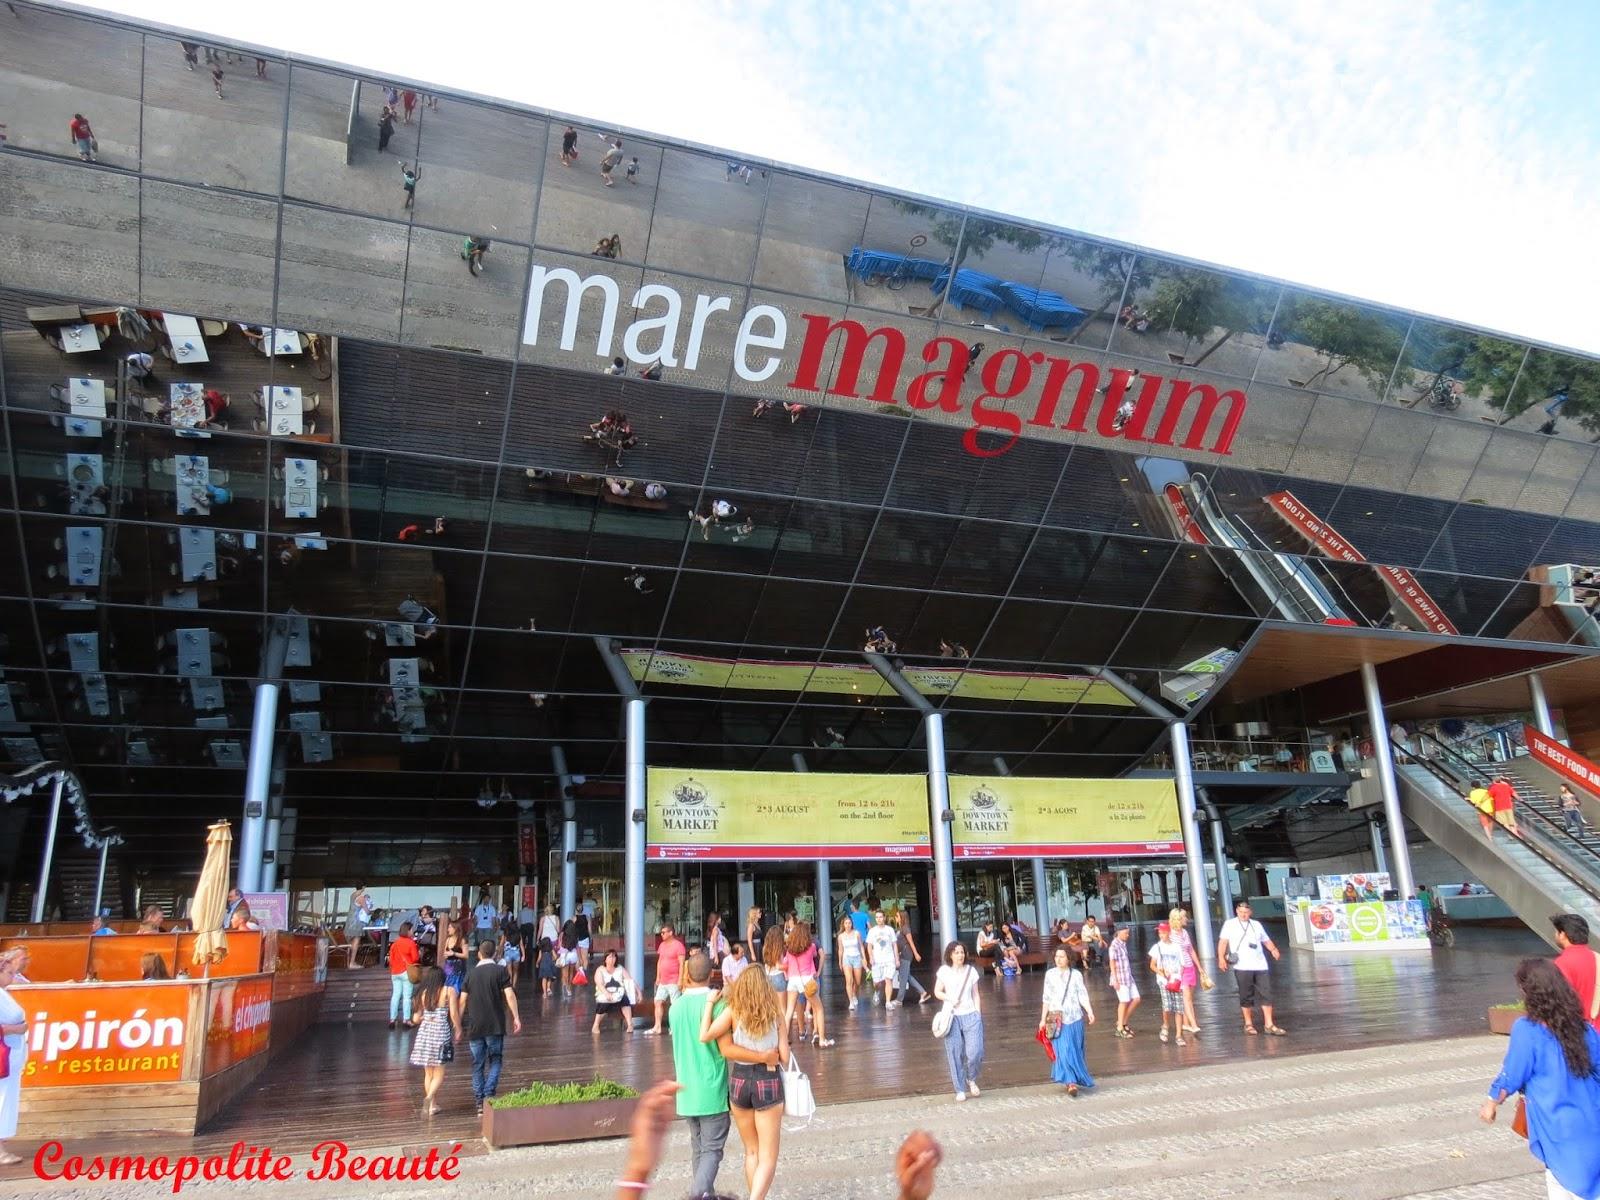 Maremagnum, Barcelone, Espagne, voyage, carnet de voyage, Barcelona, beauté, mode, boutiques